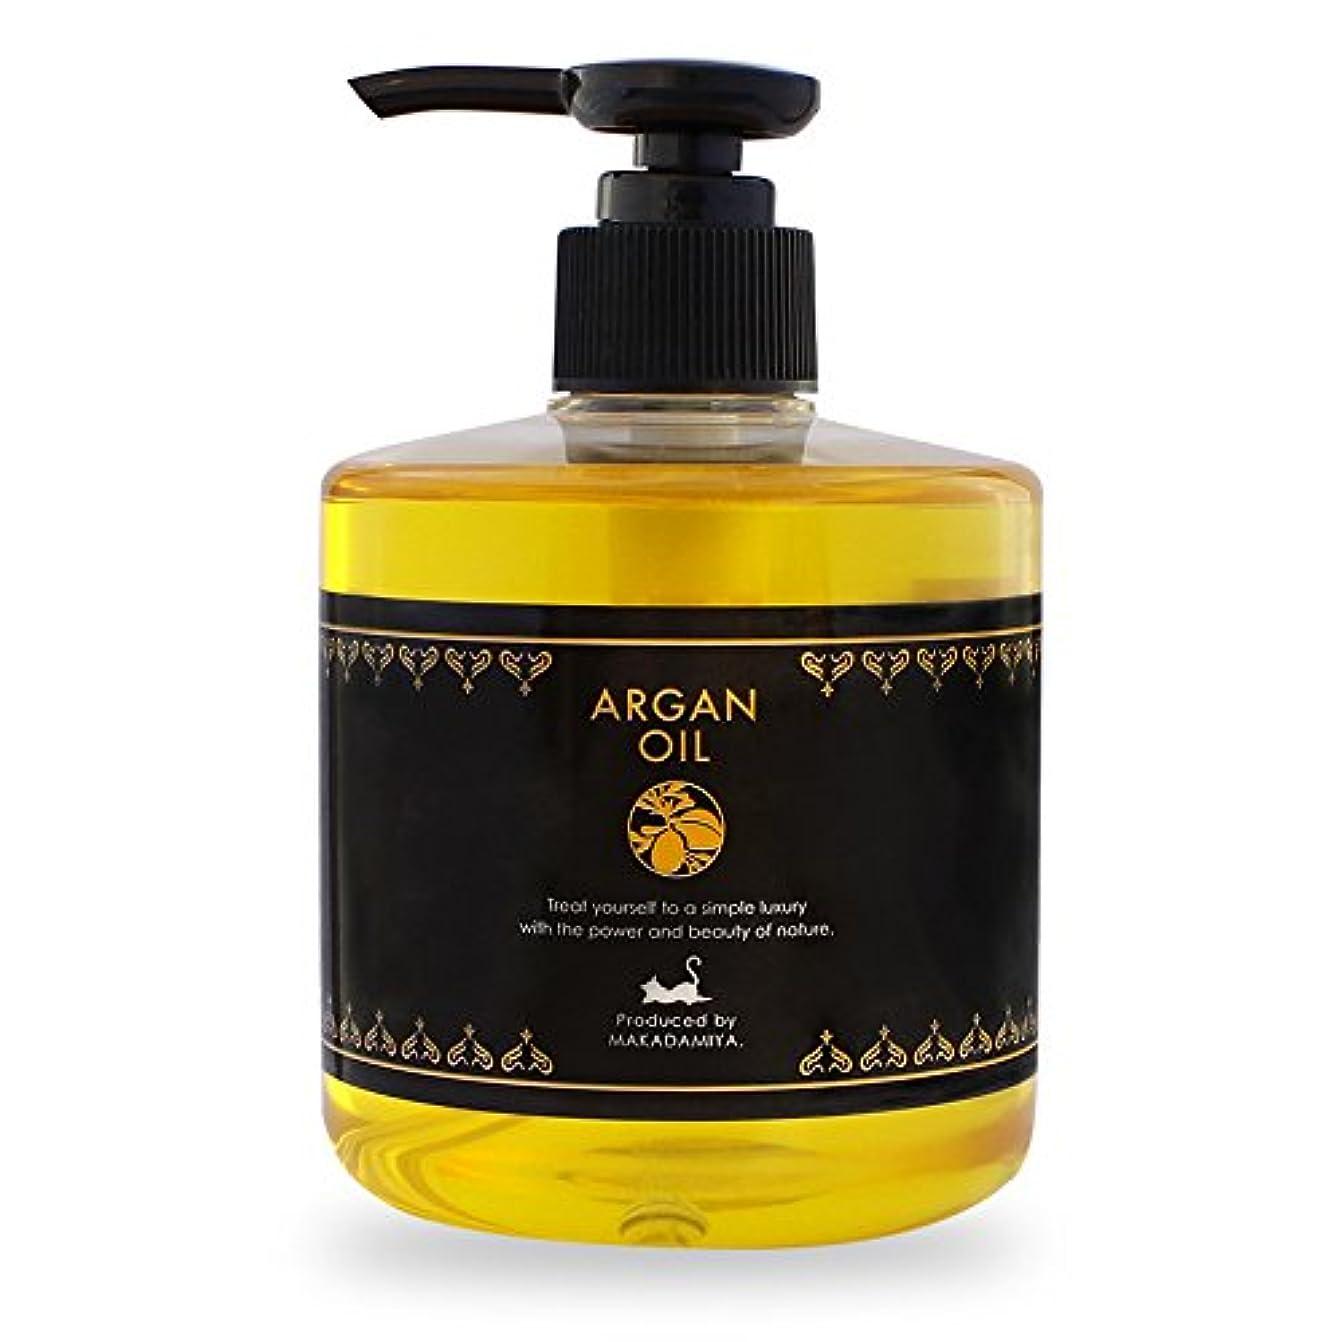 アセンブリ任命する同行アルガンオイル300ml モロッコ原産 天然100%無添加 ボタニカルオイル